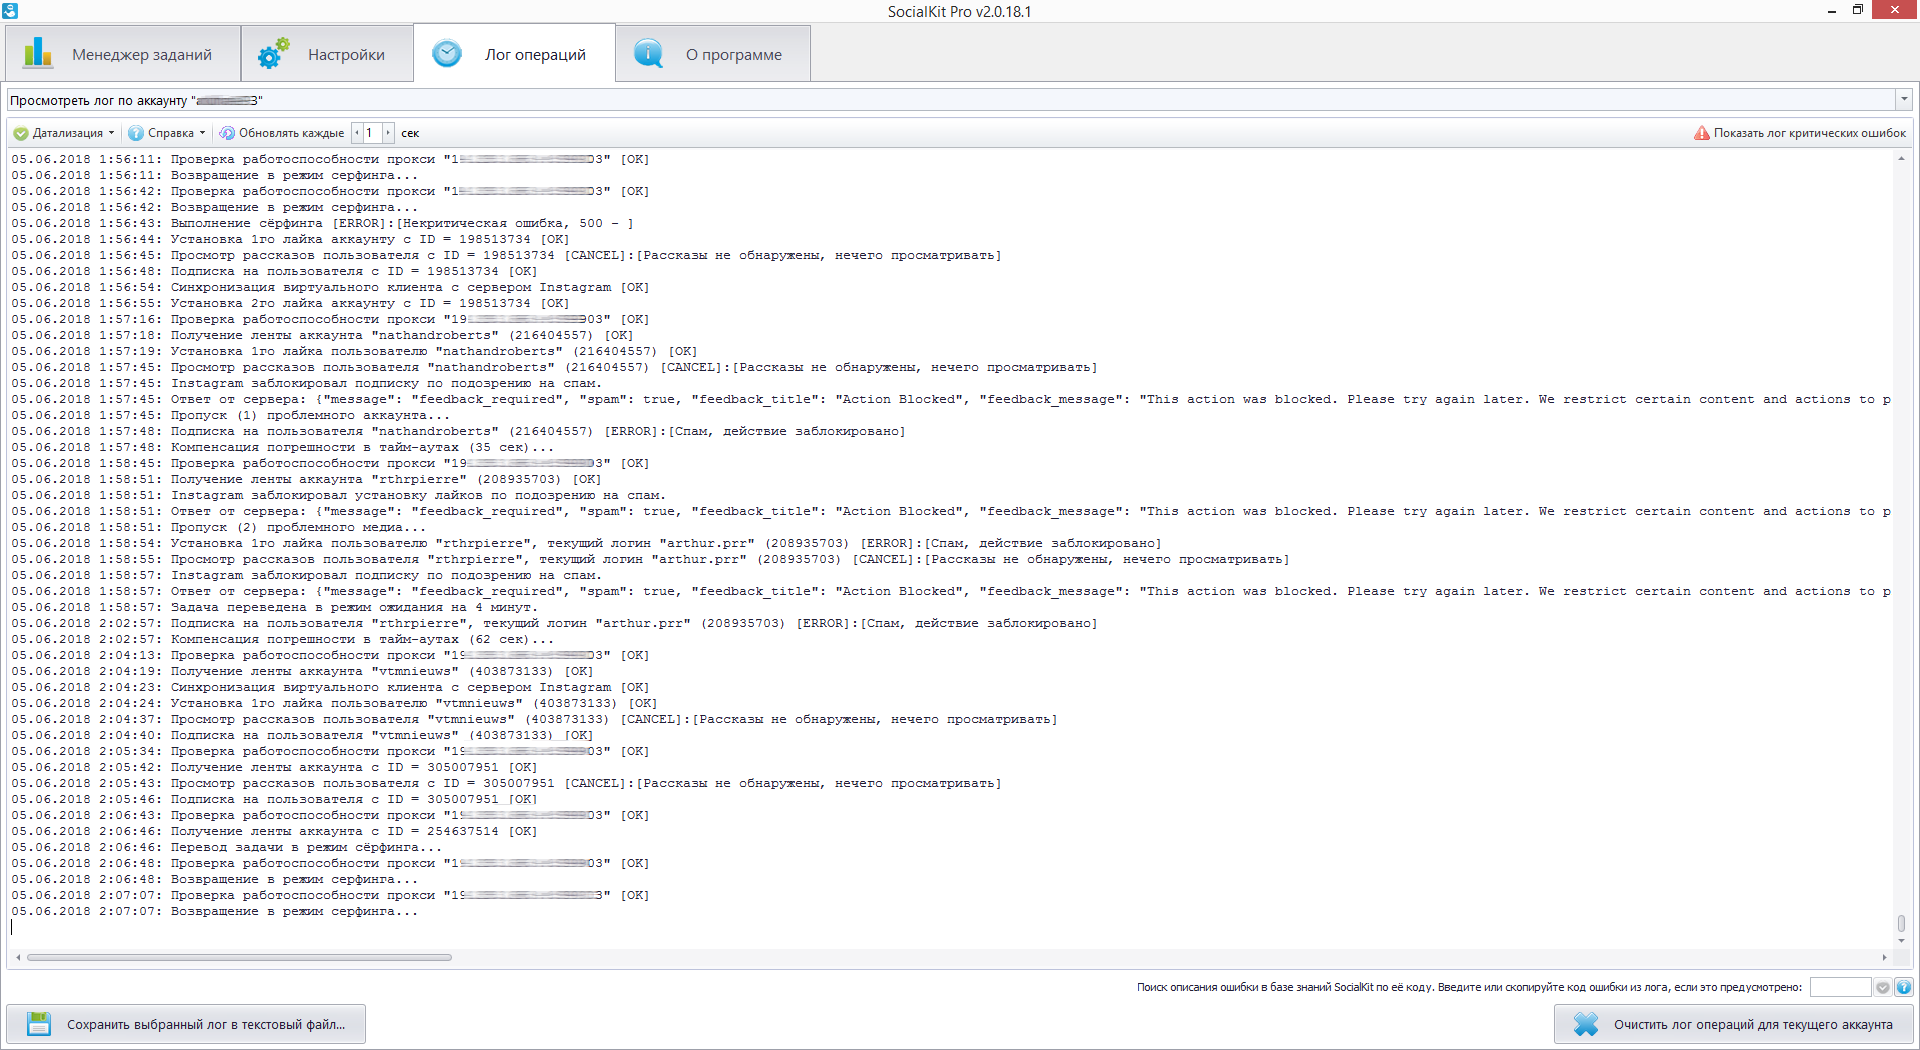 612b44a9e5ce Пример лога по аккаунту, что получил в ходе работы спам-блок на связку